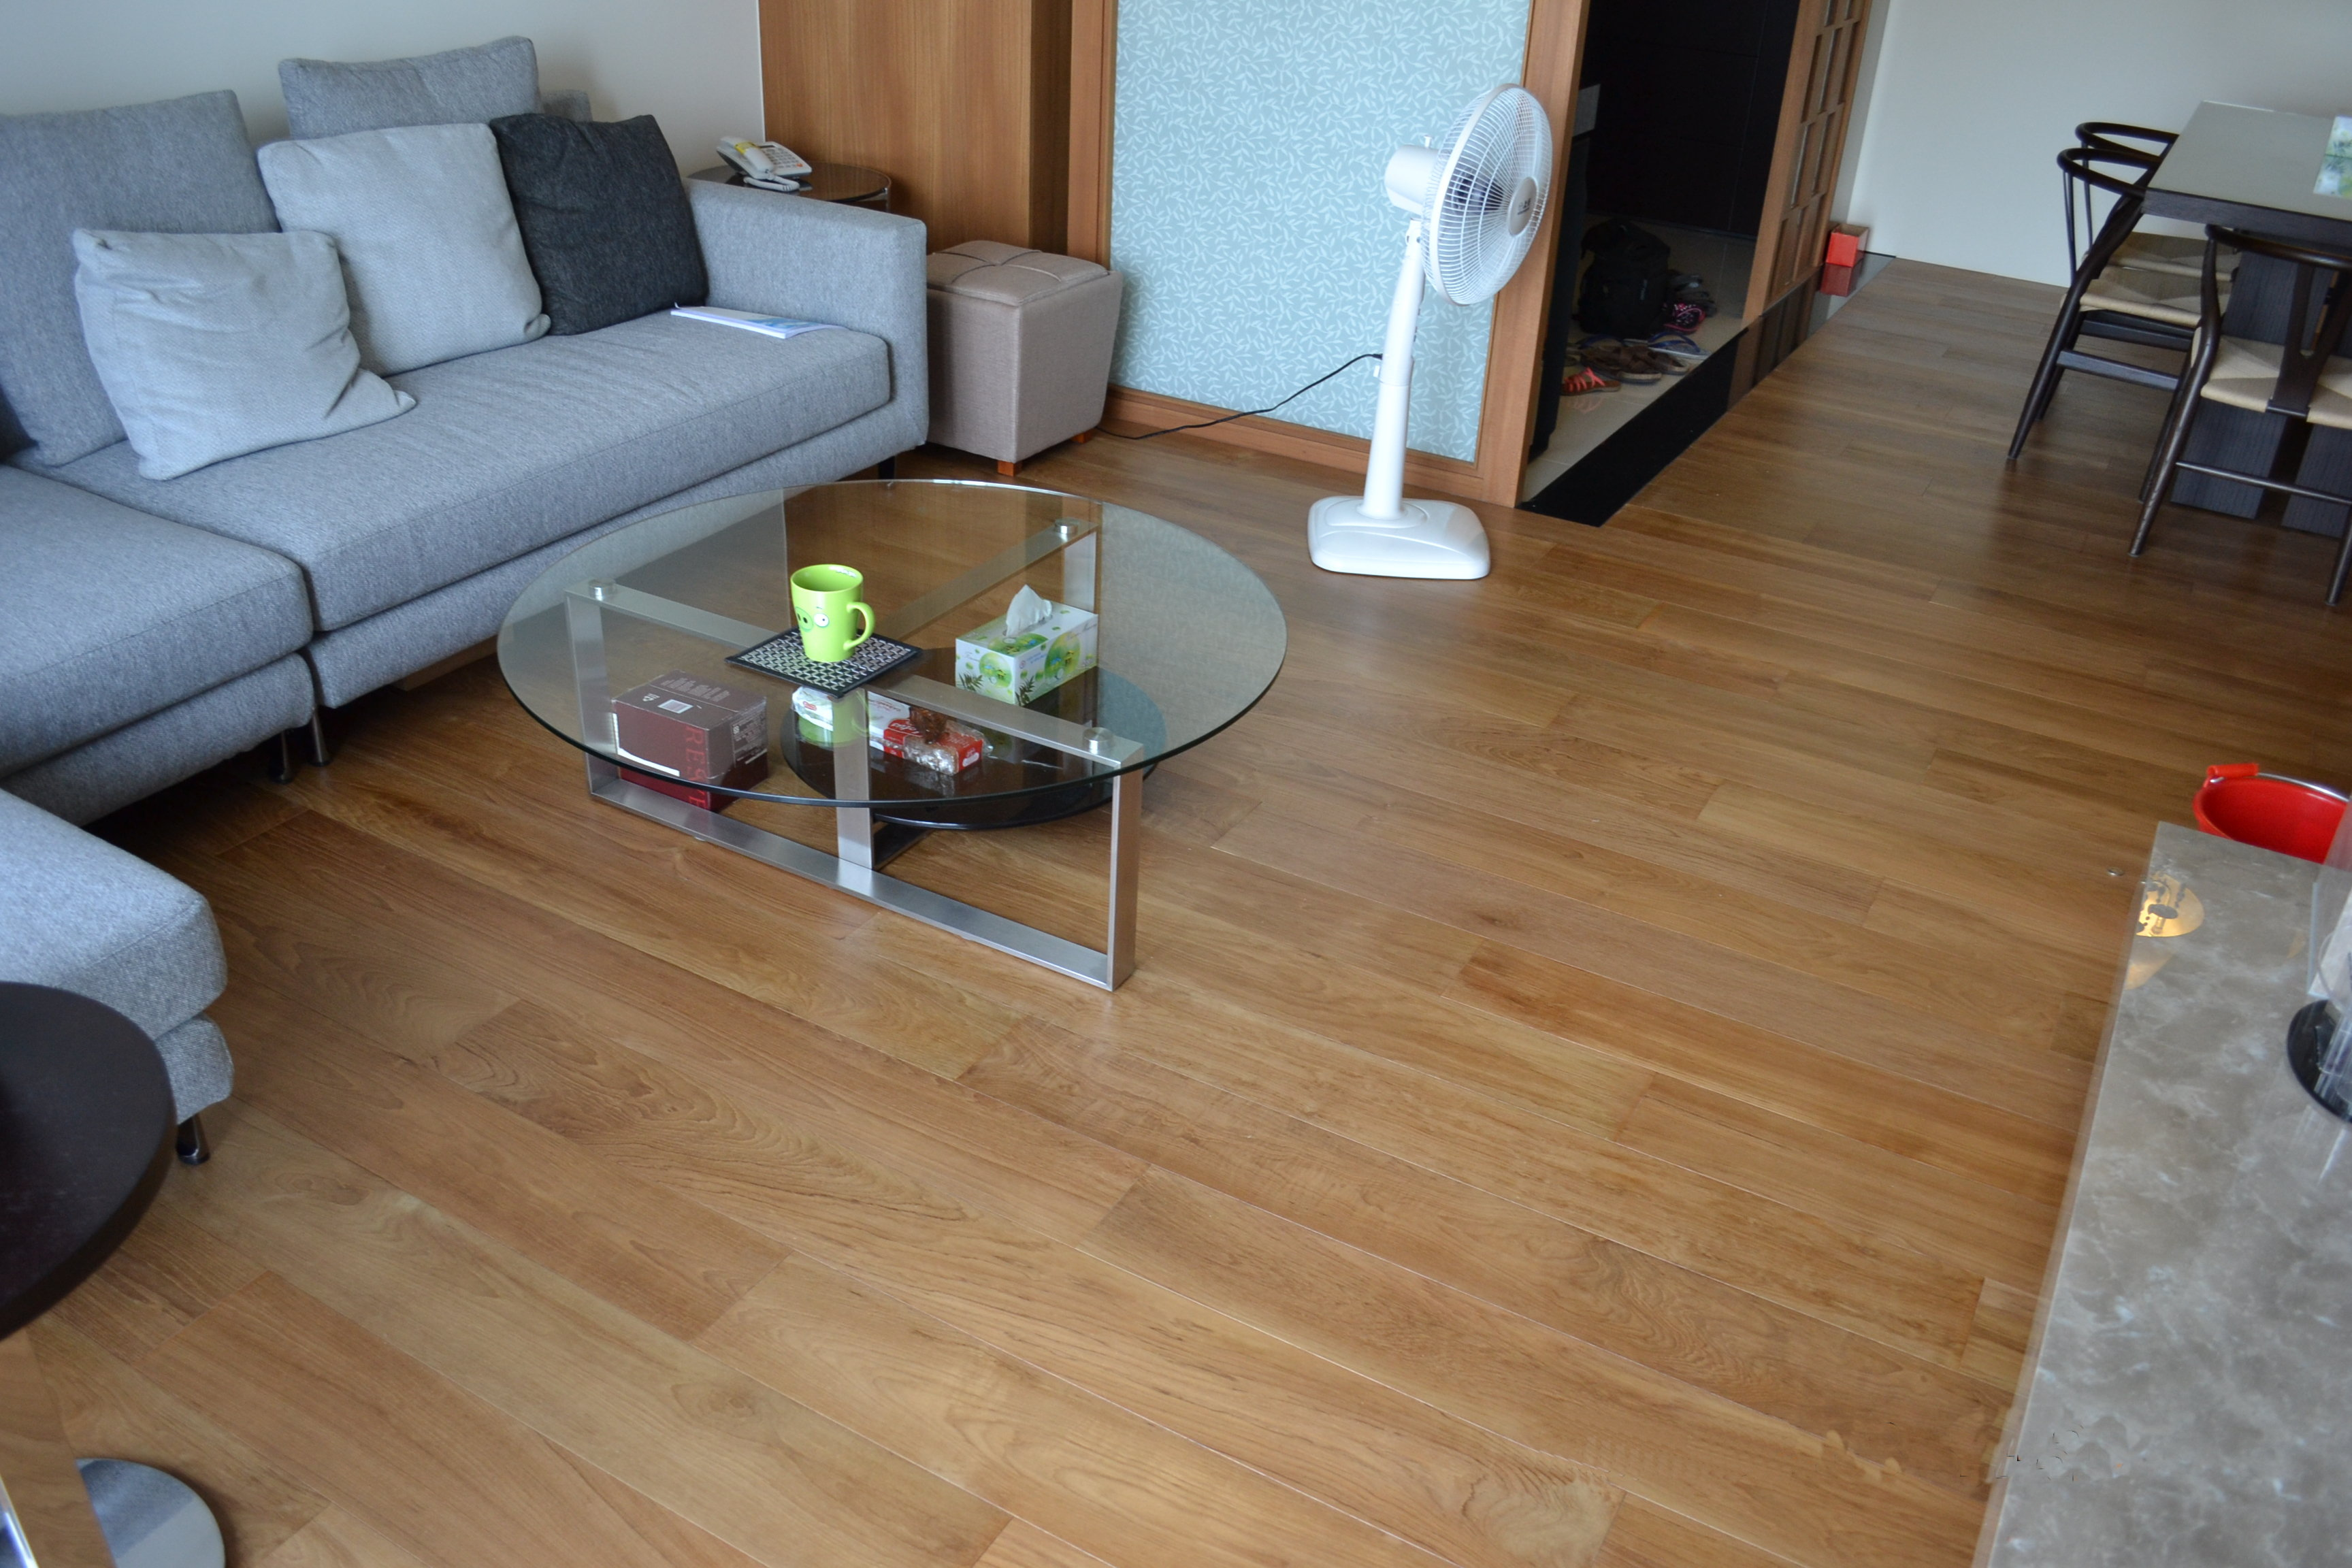 新原古-緬甸柚木複合地板5寸6分厚單片300條